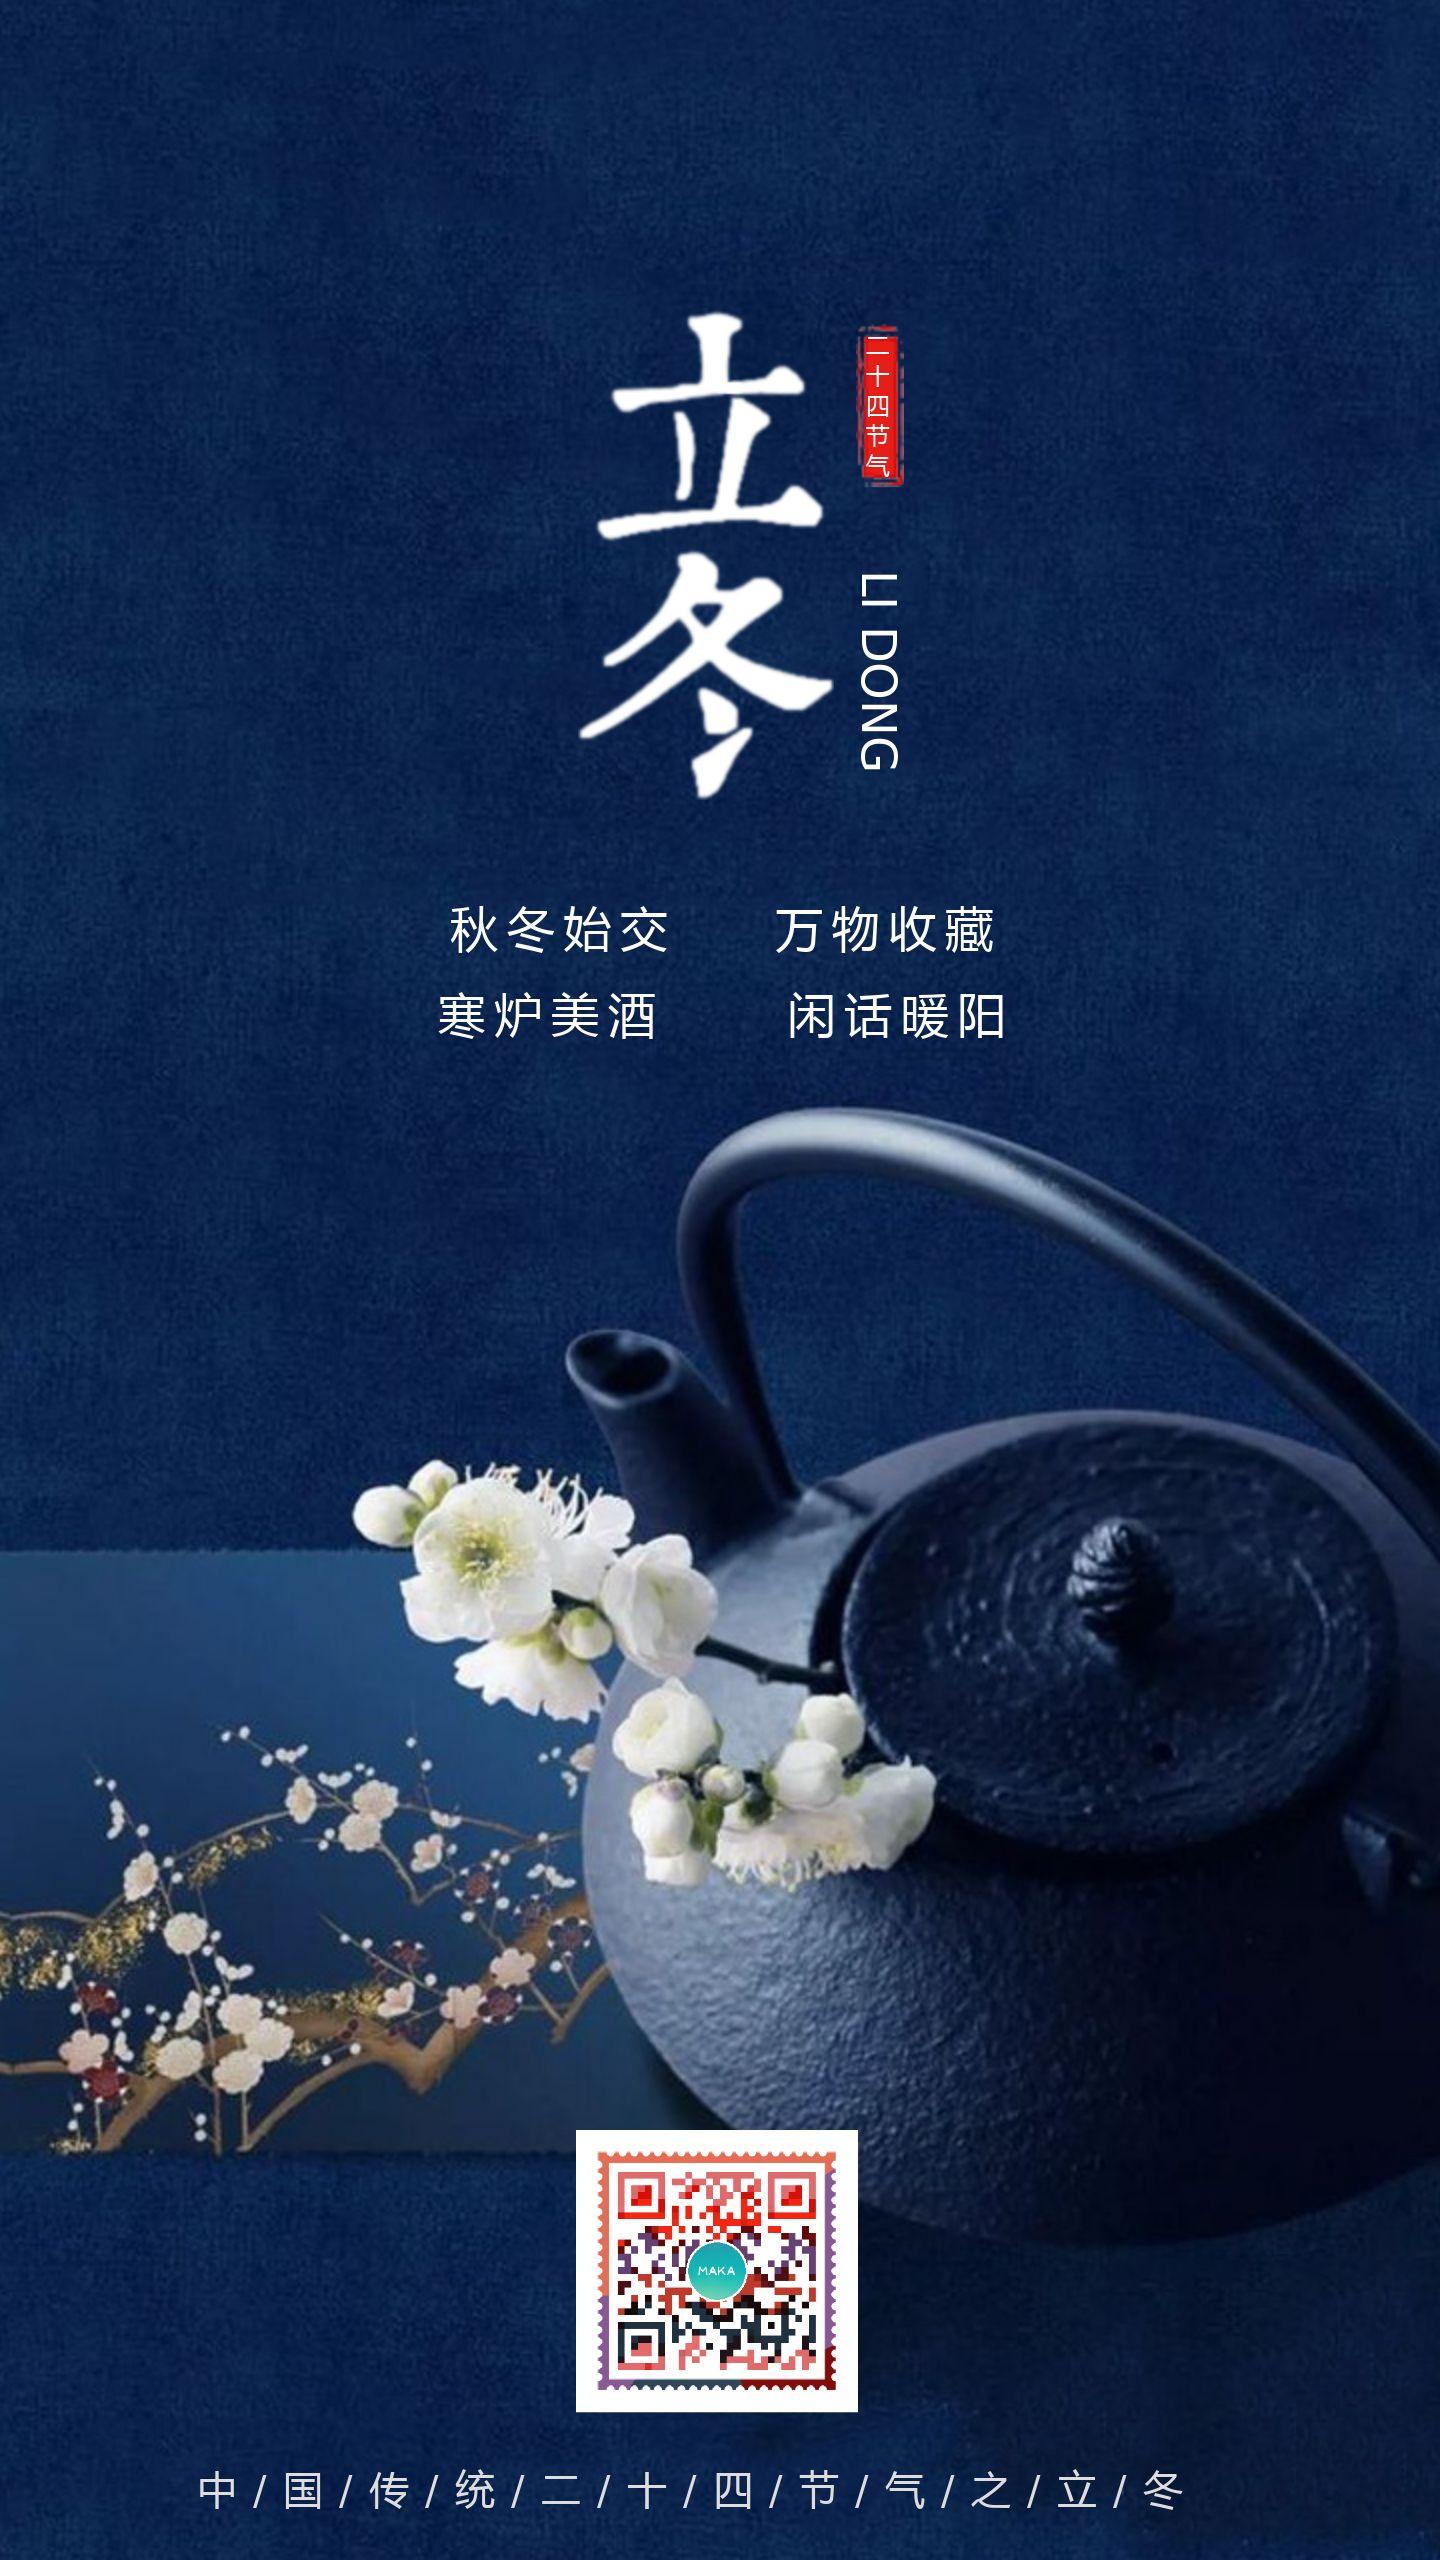 中国风传统二十四节气之立冬日签宣传海报